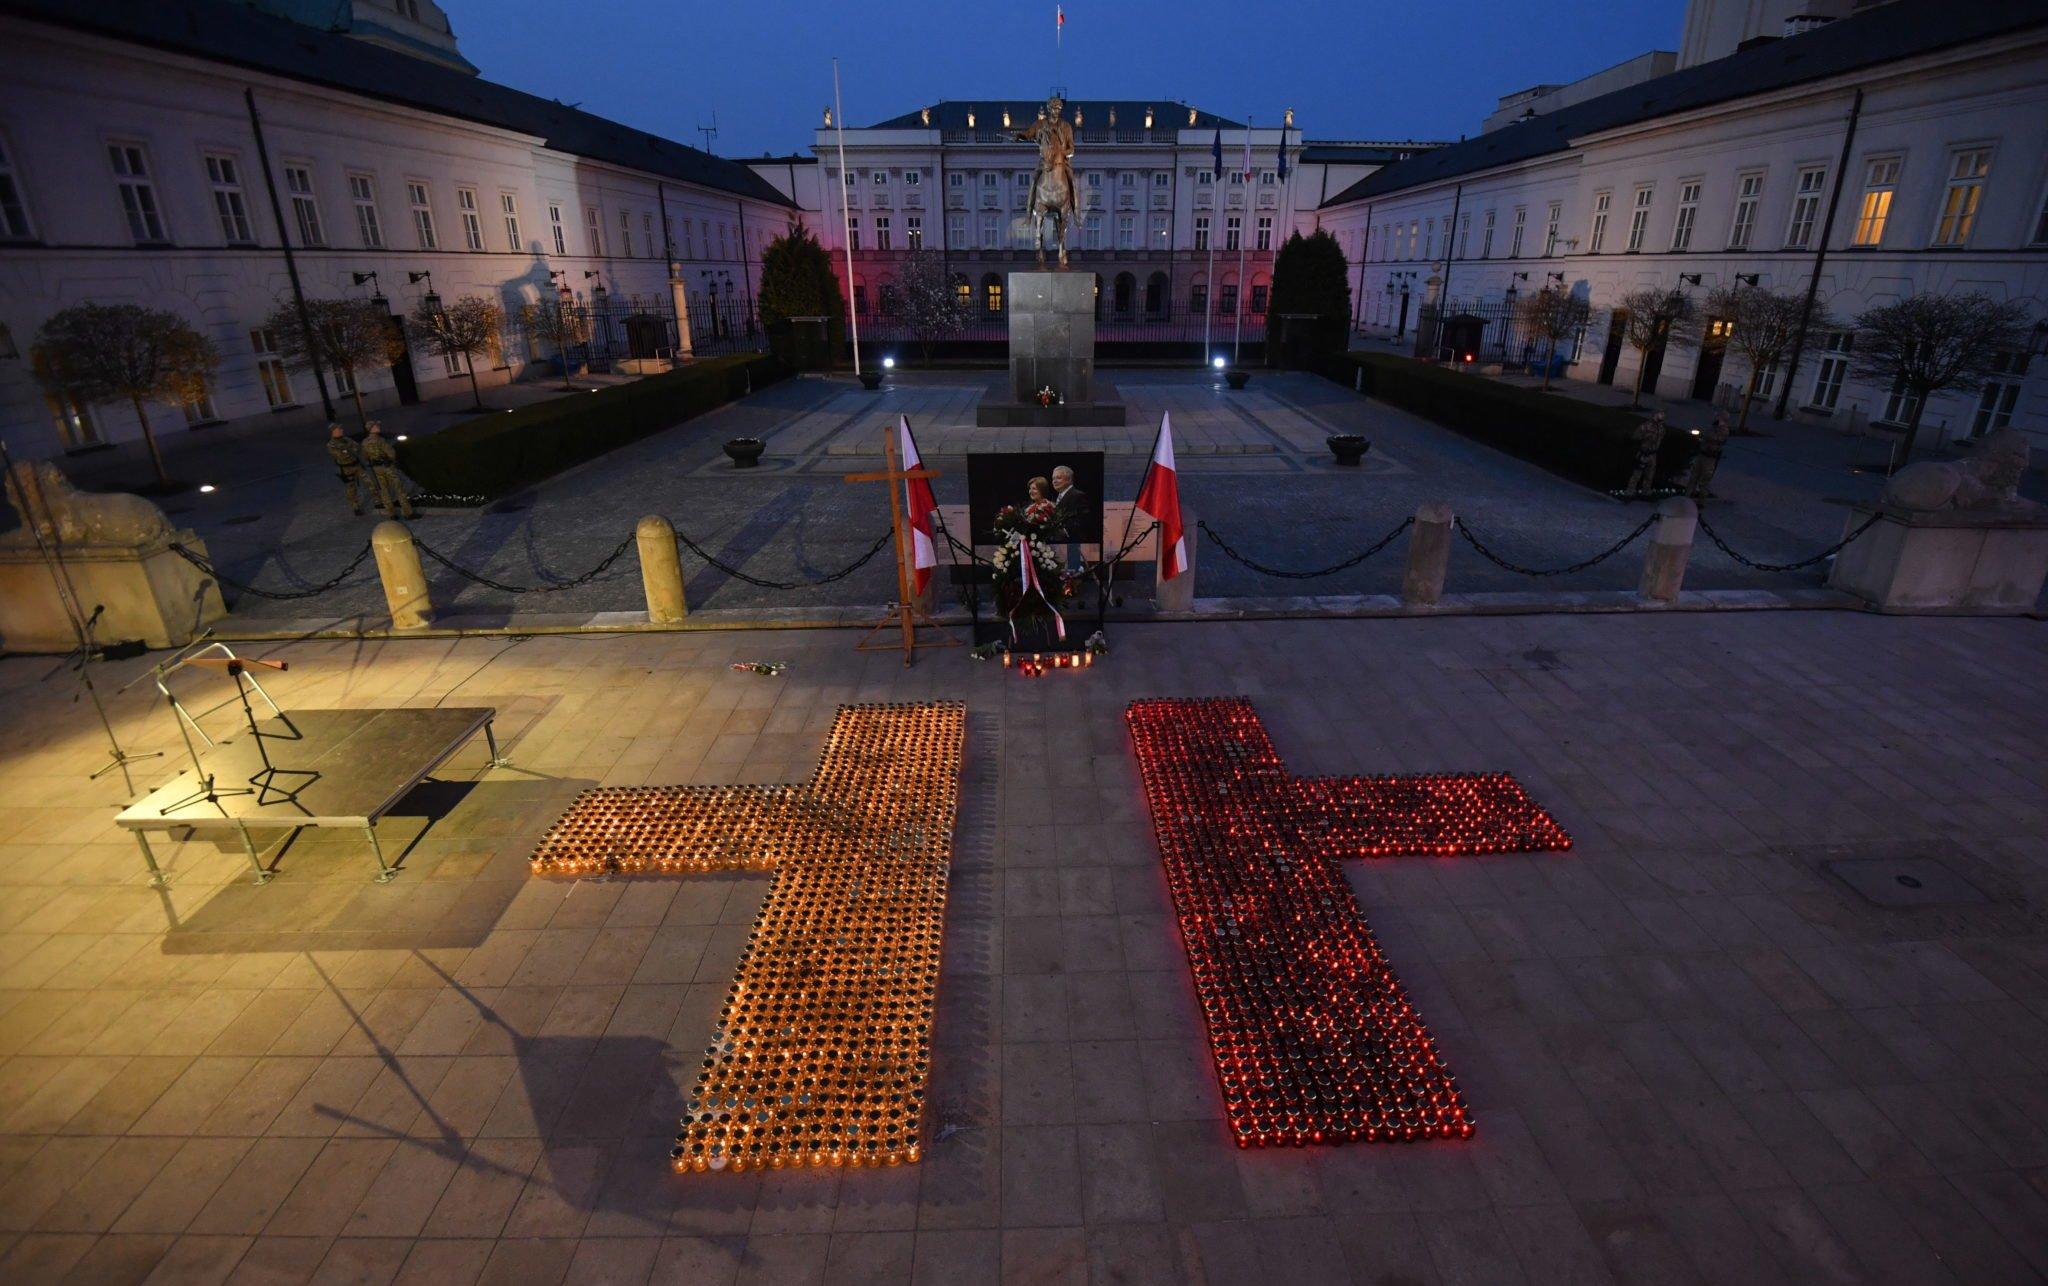 Przygotowania do wieczornego Apelu Pamięci przed Pałacem Prezydenckim w Warszawie, fot: Bartłomiej Zborowski, PAP